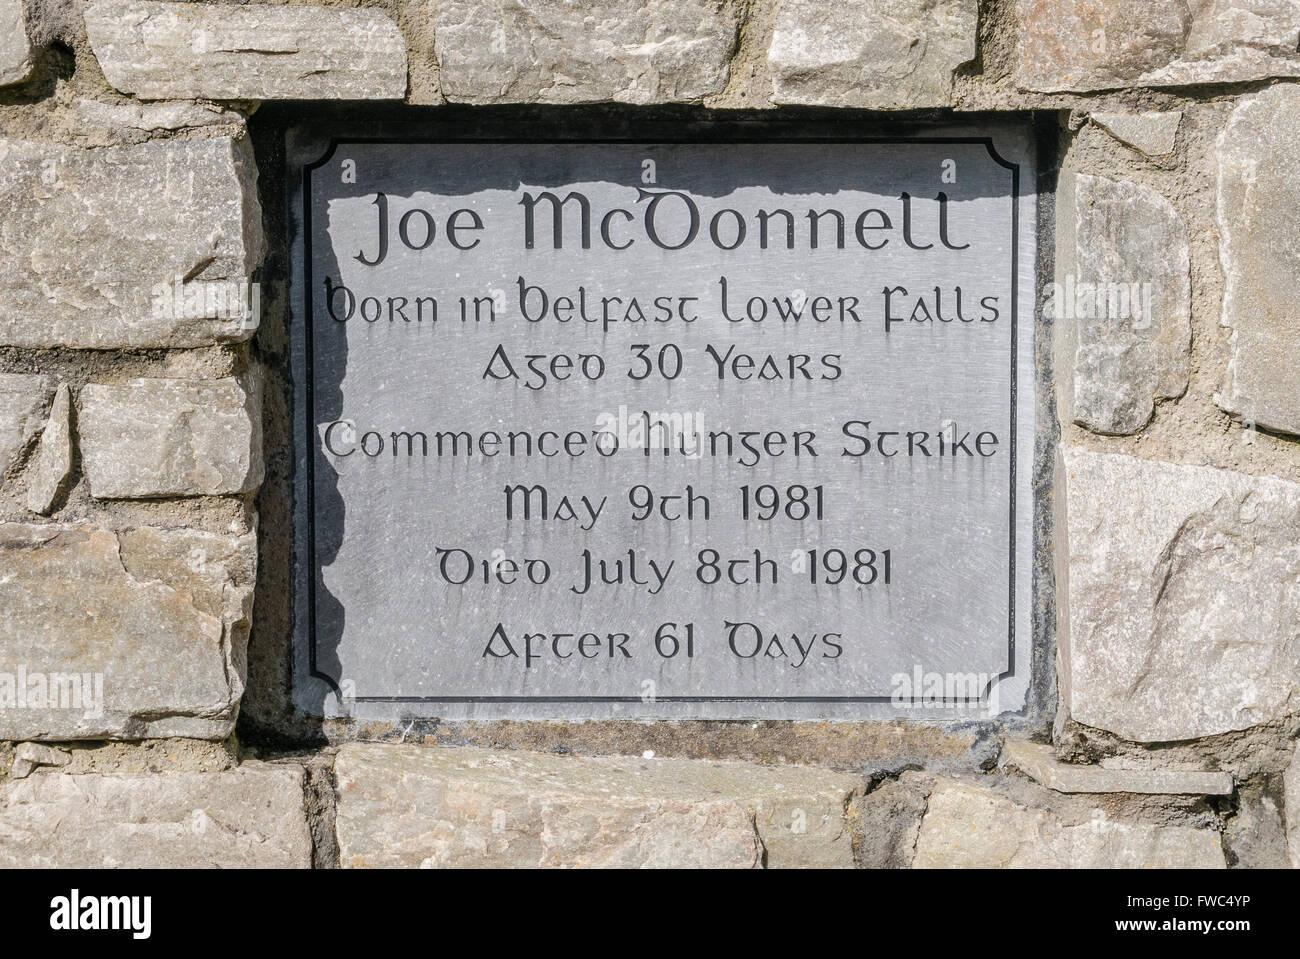 Placa conmemorativa en un jardín del recuerdo para el 1981 huelguista de  hambre Republicano Irlandés Joe 6dd9d2dc242